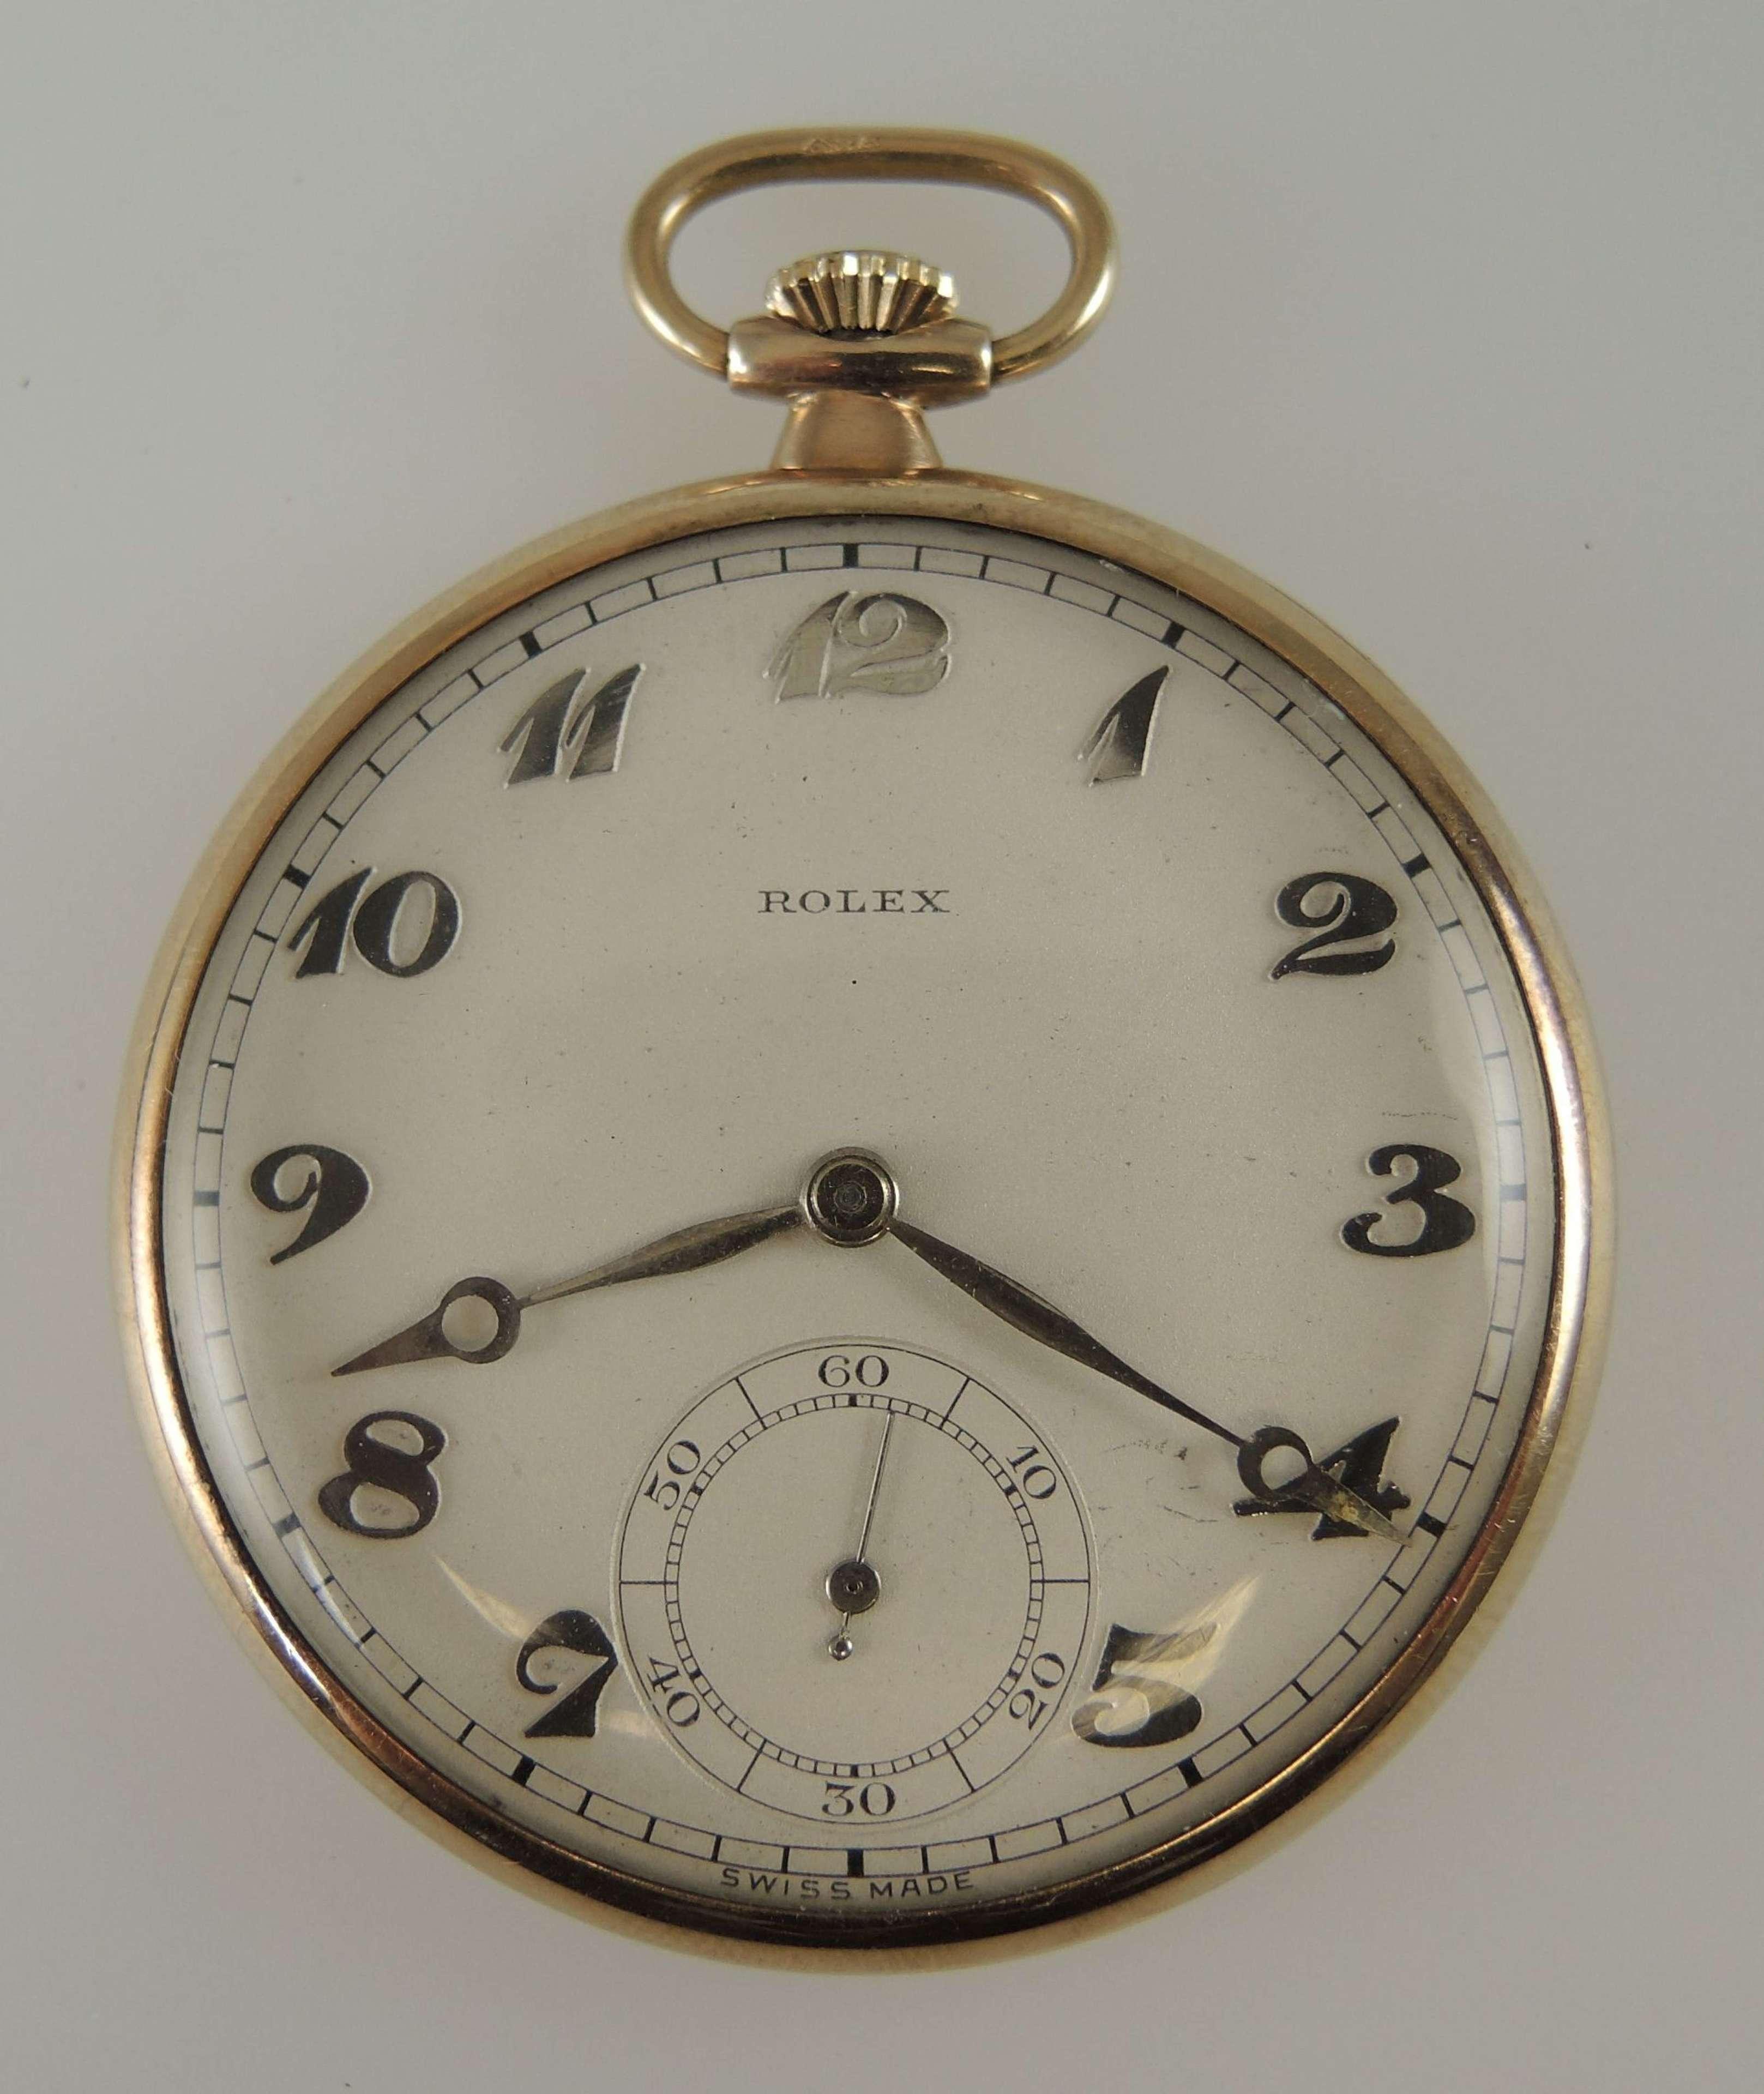 Solid 9K gold Rolex pocket watch c1920